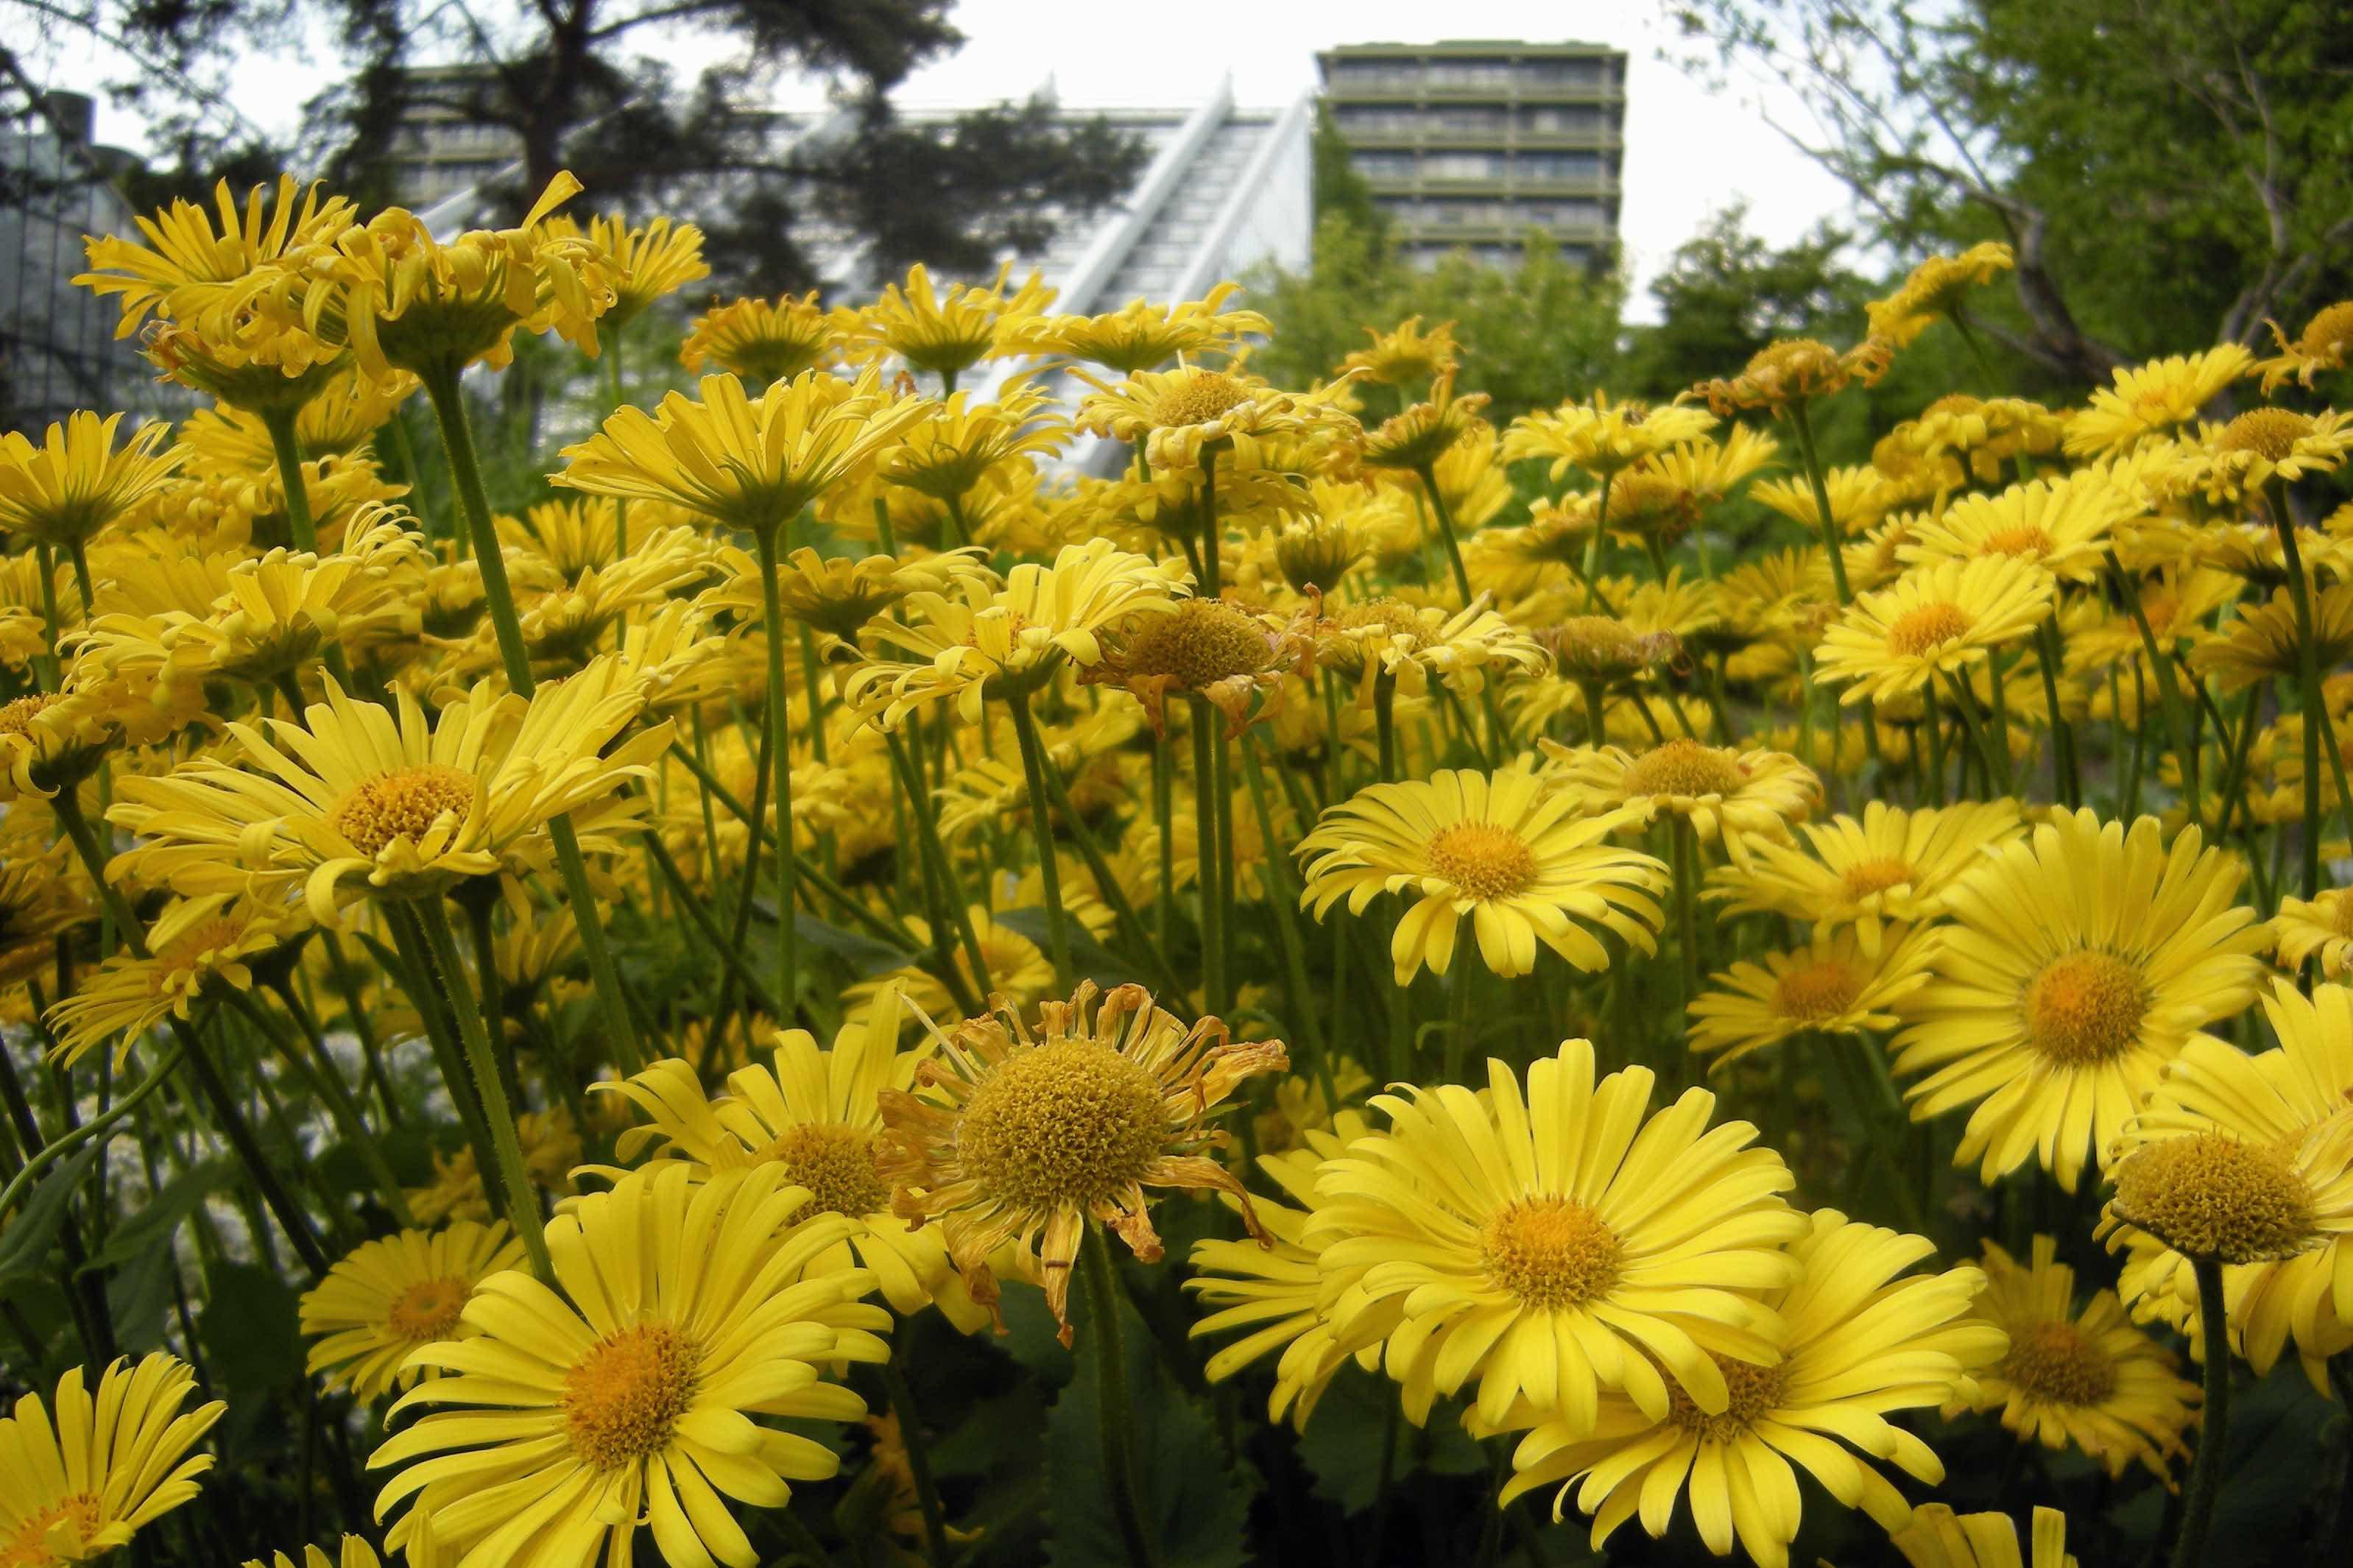 Blumen blühen bei frühlingshaften Temperaturen im Botanischen Garten in Bochum. (Foto: Lutz Leitmann/Stadt Bochum, Presseamt)